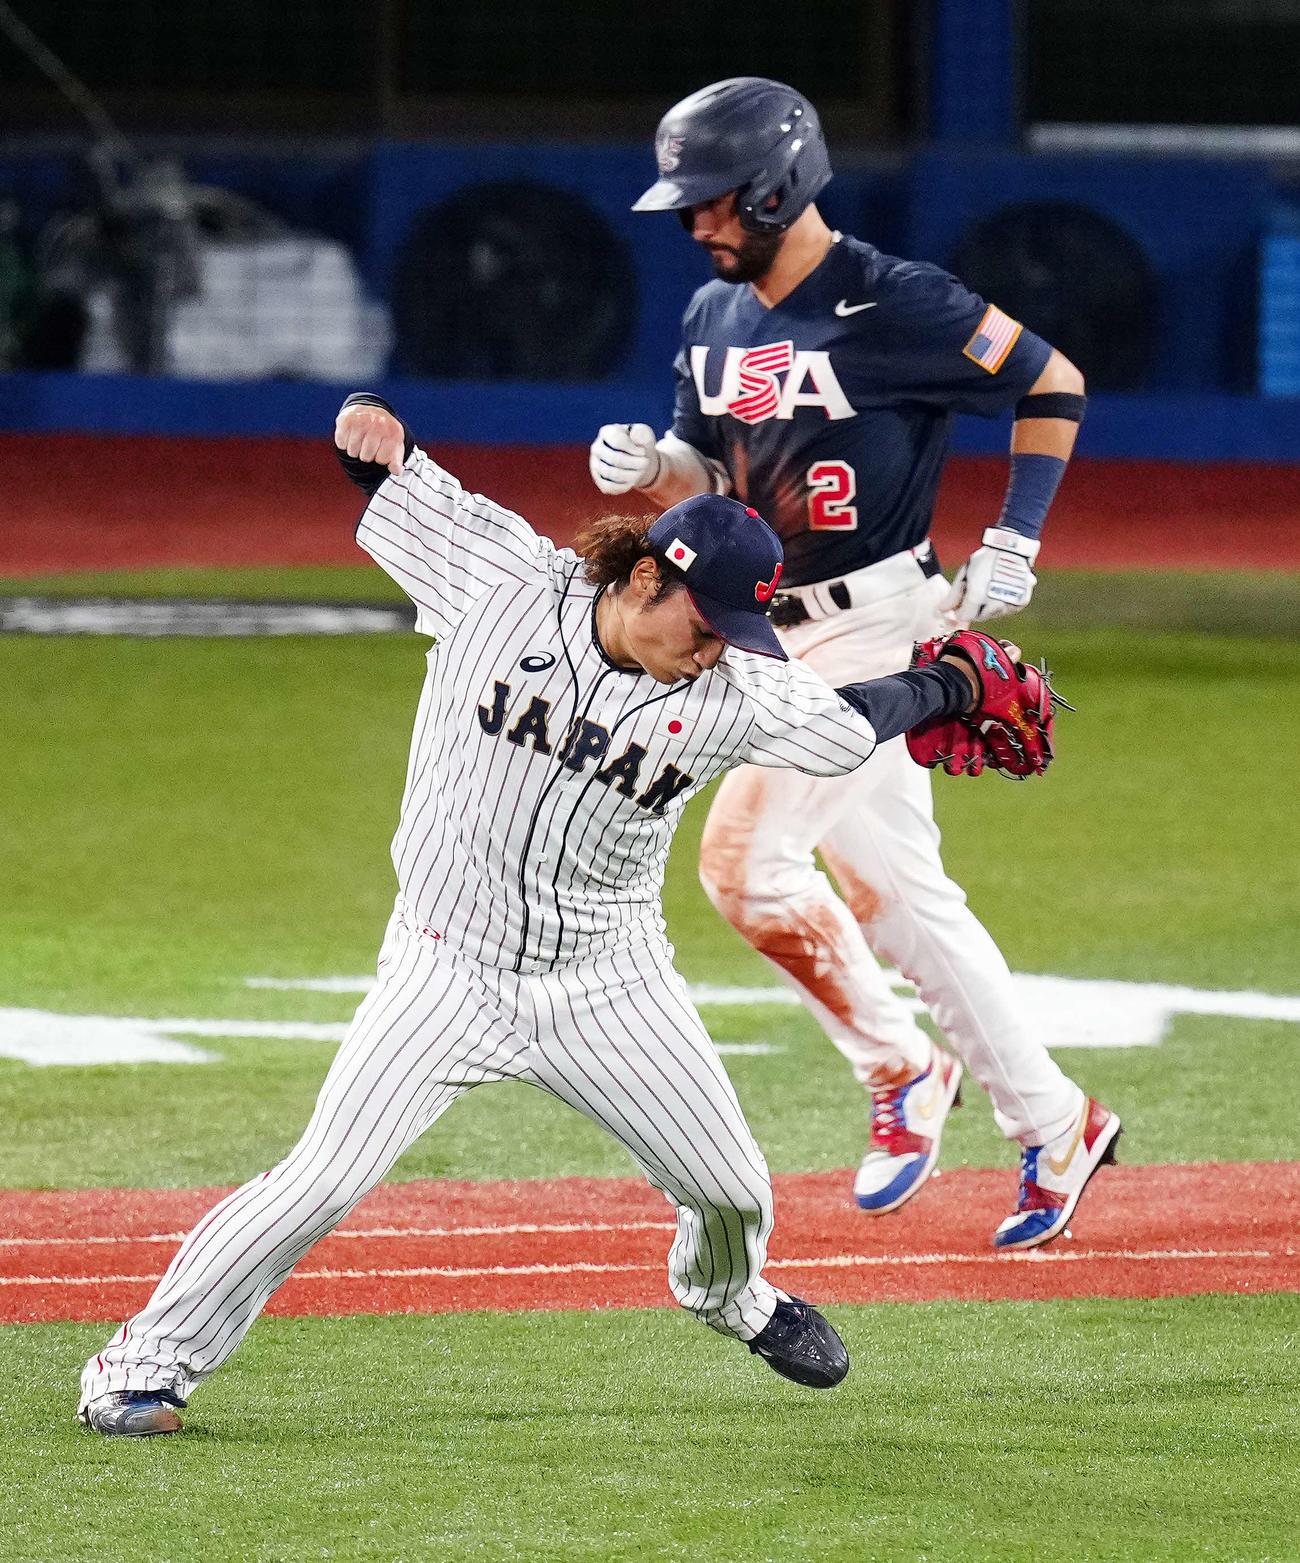 日本対米国 7回表米国2死三塁、アルバレスを一ゴロに仕留めガッツポーズする伊藤(撮影・江口和貴)